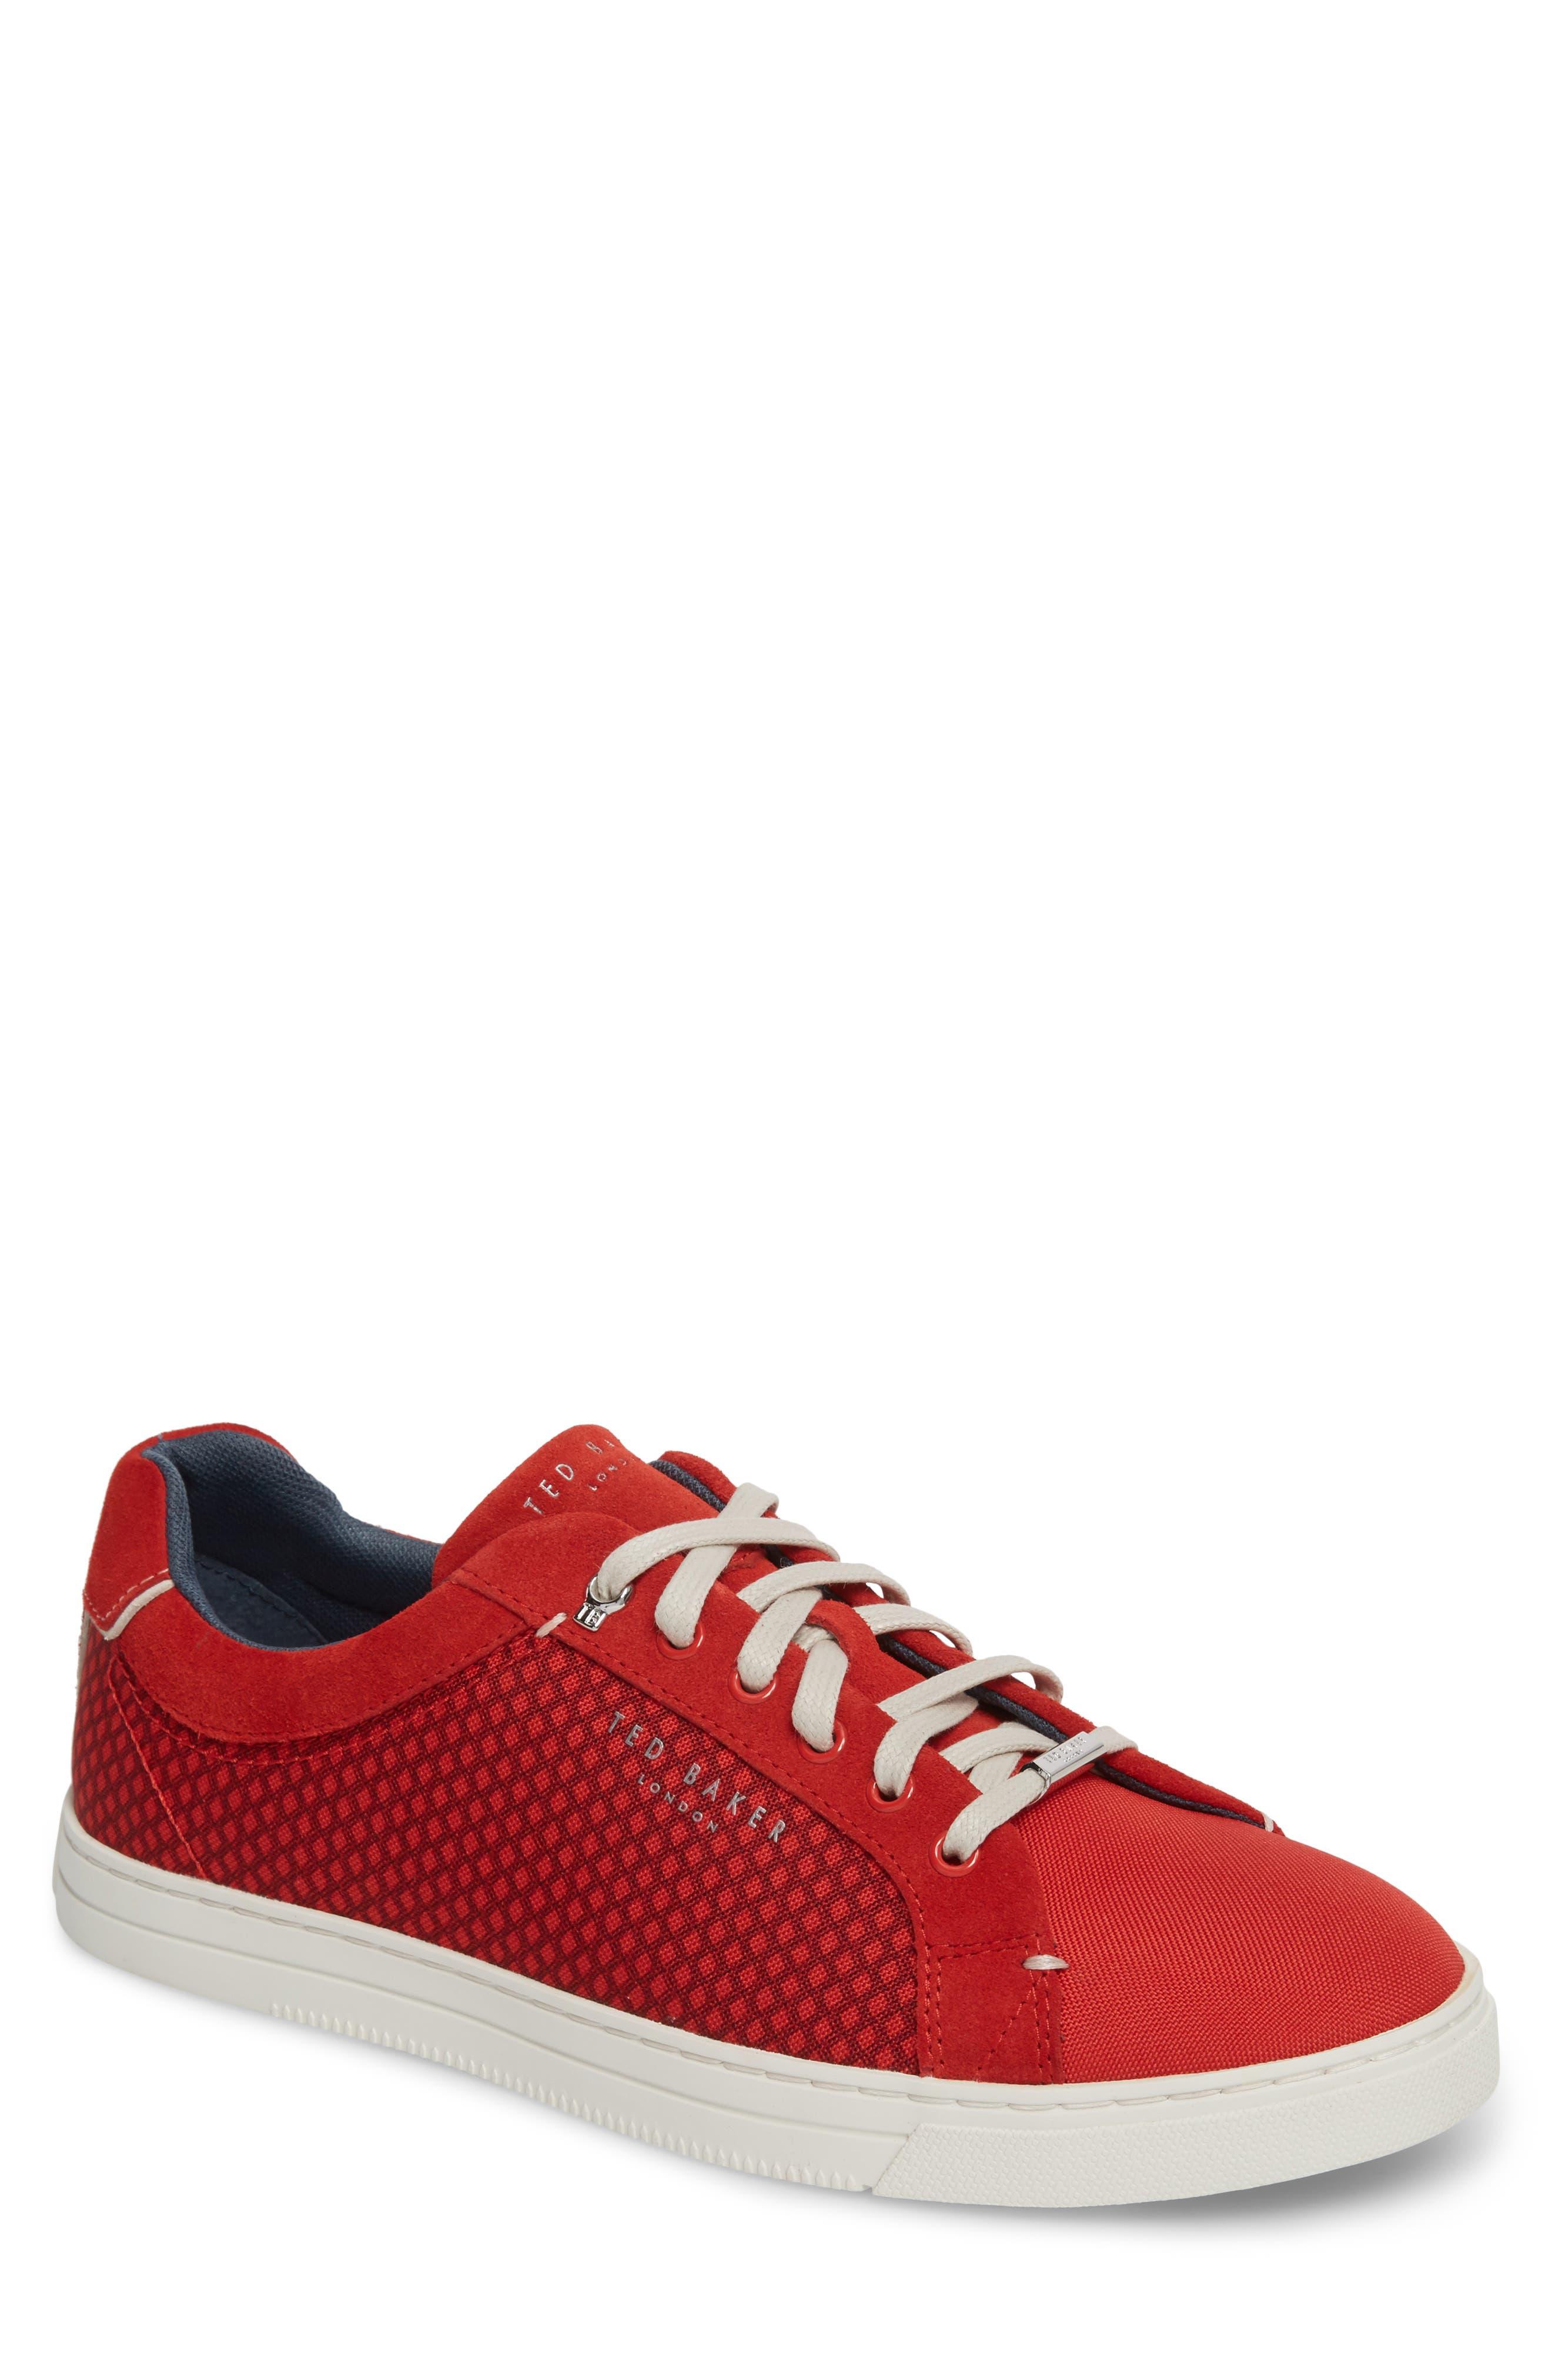 Alternate Image 1 Selected - Ted Baker London Sarpio Sneaker (Men)